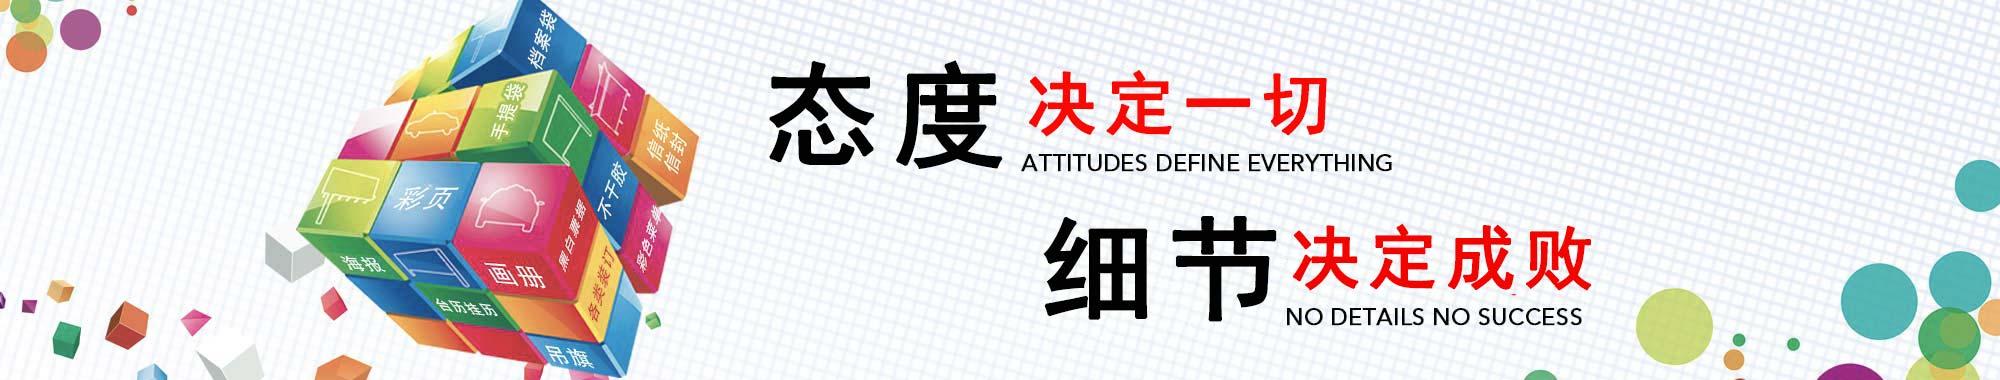 北京雷火平台